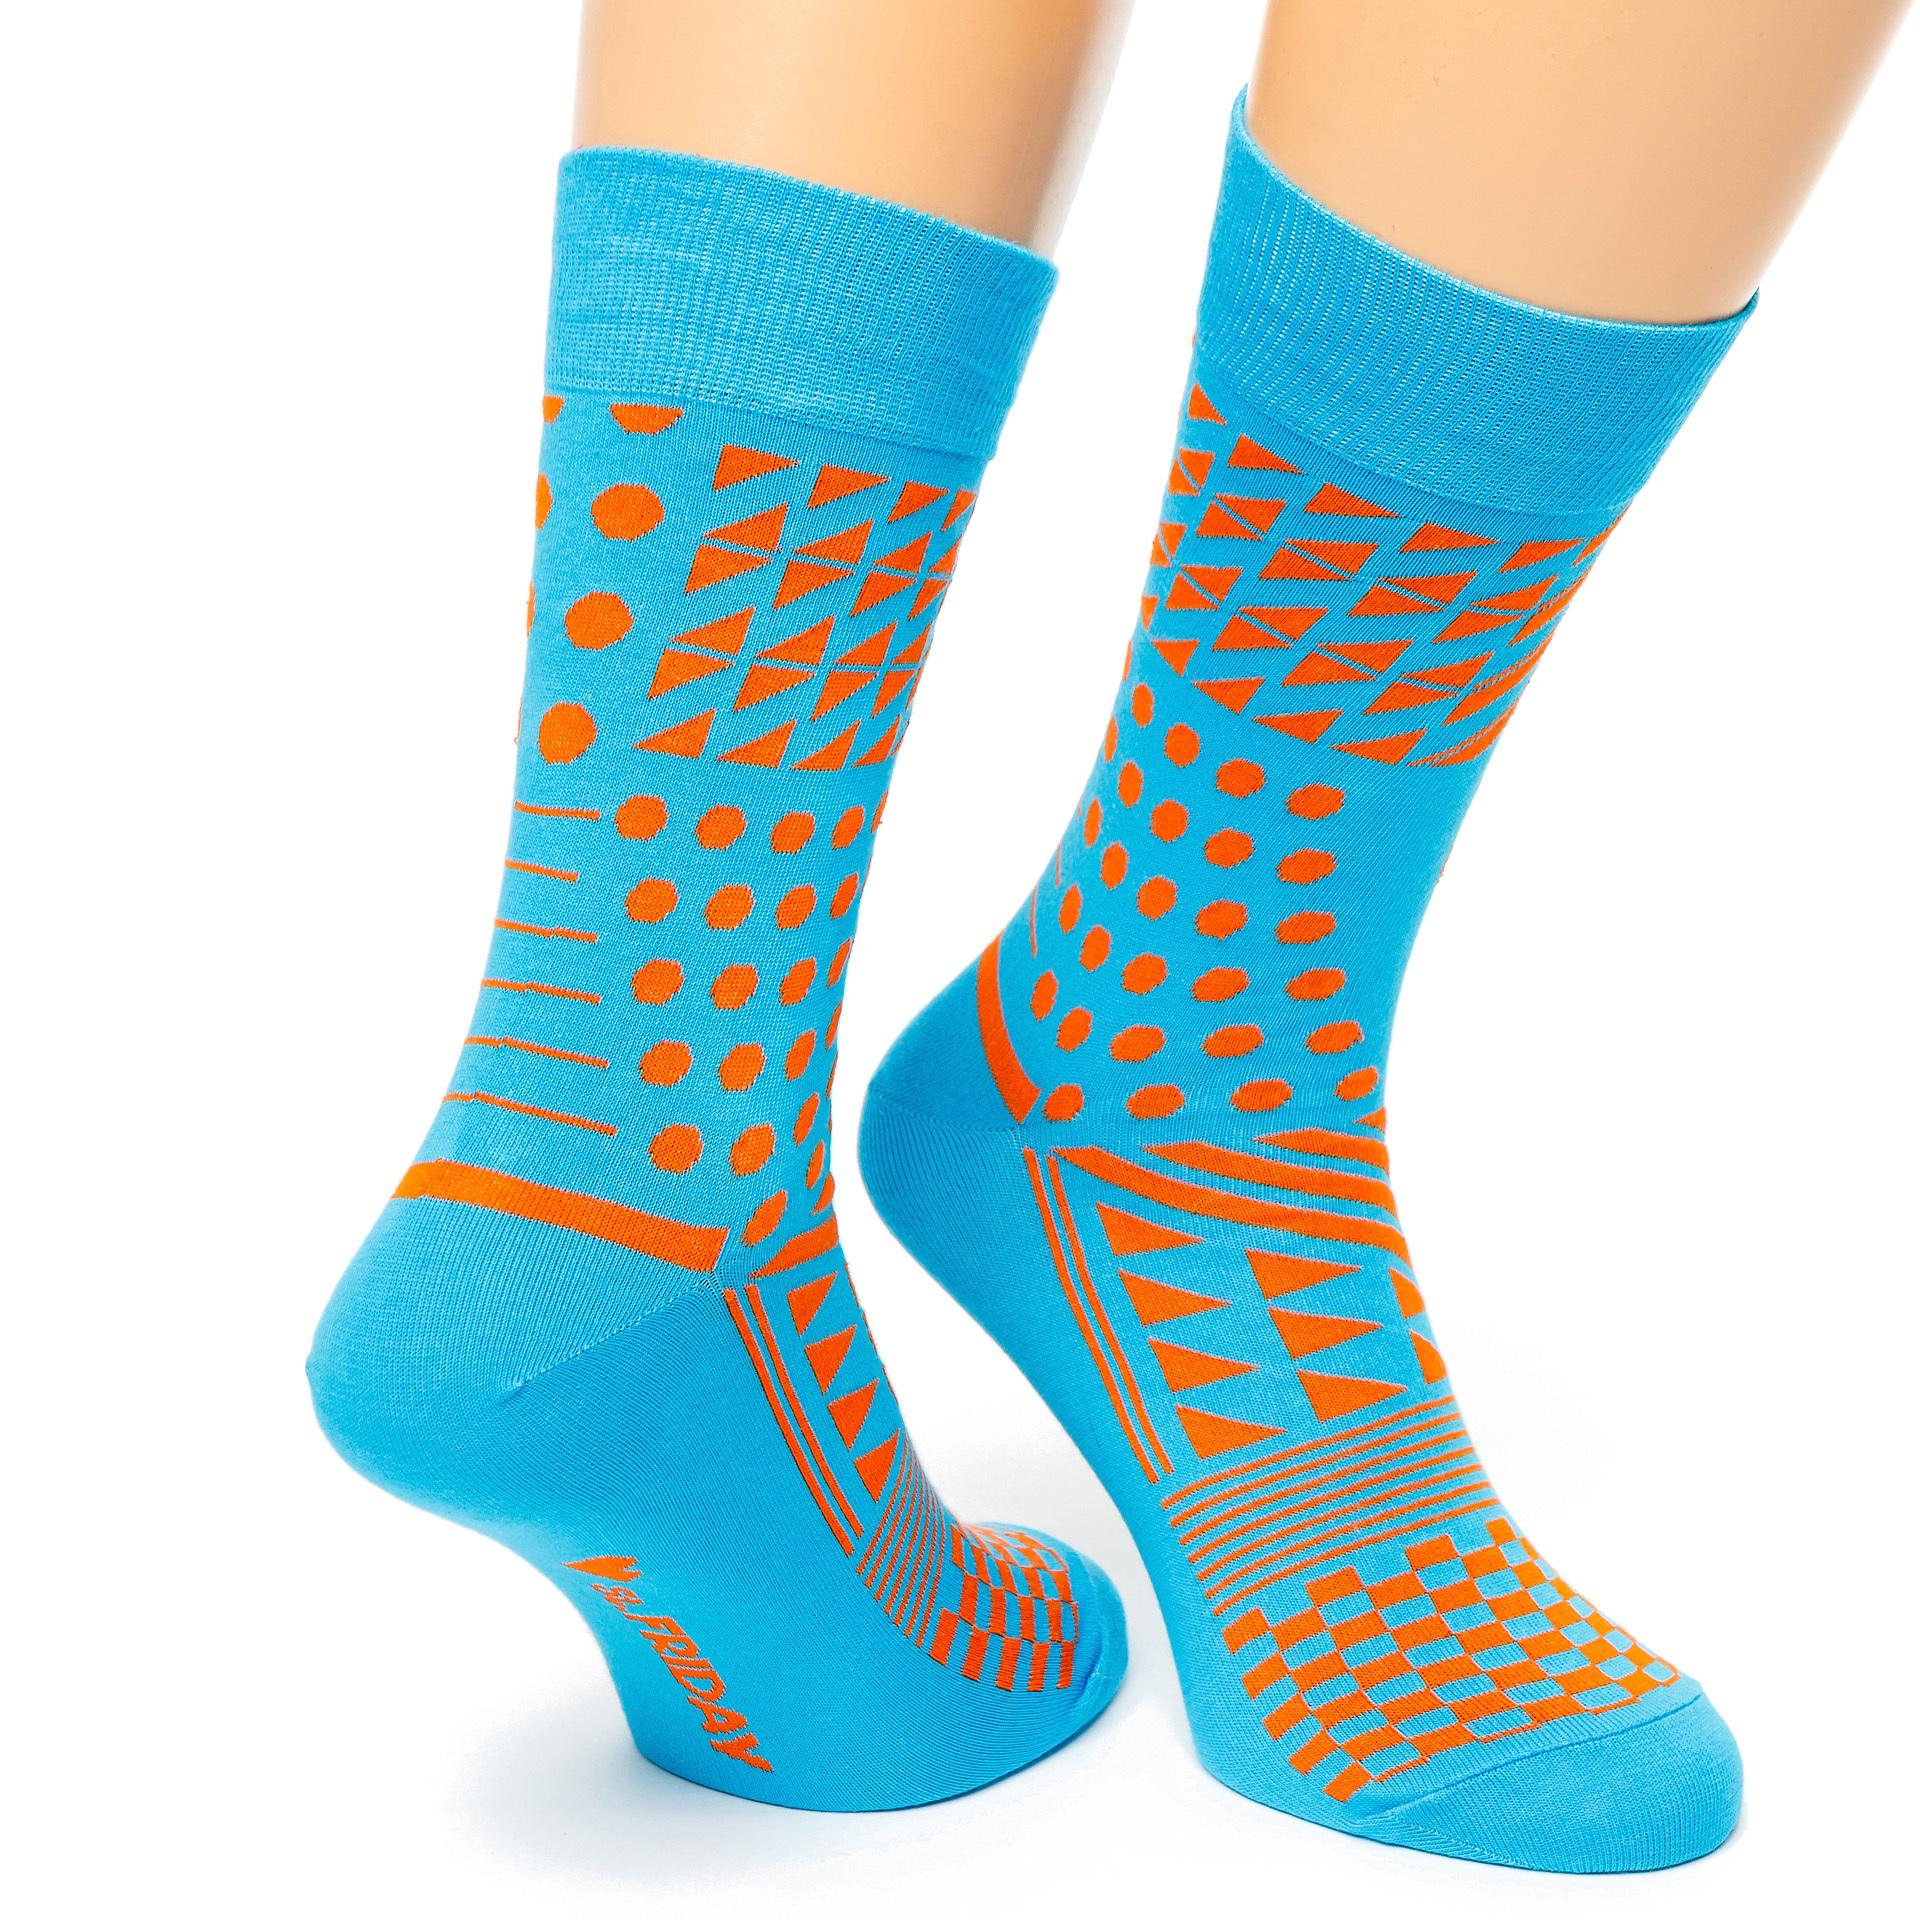 Каталог обуви Rieker Рикер  купить в интернетмагазине